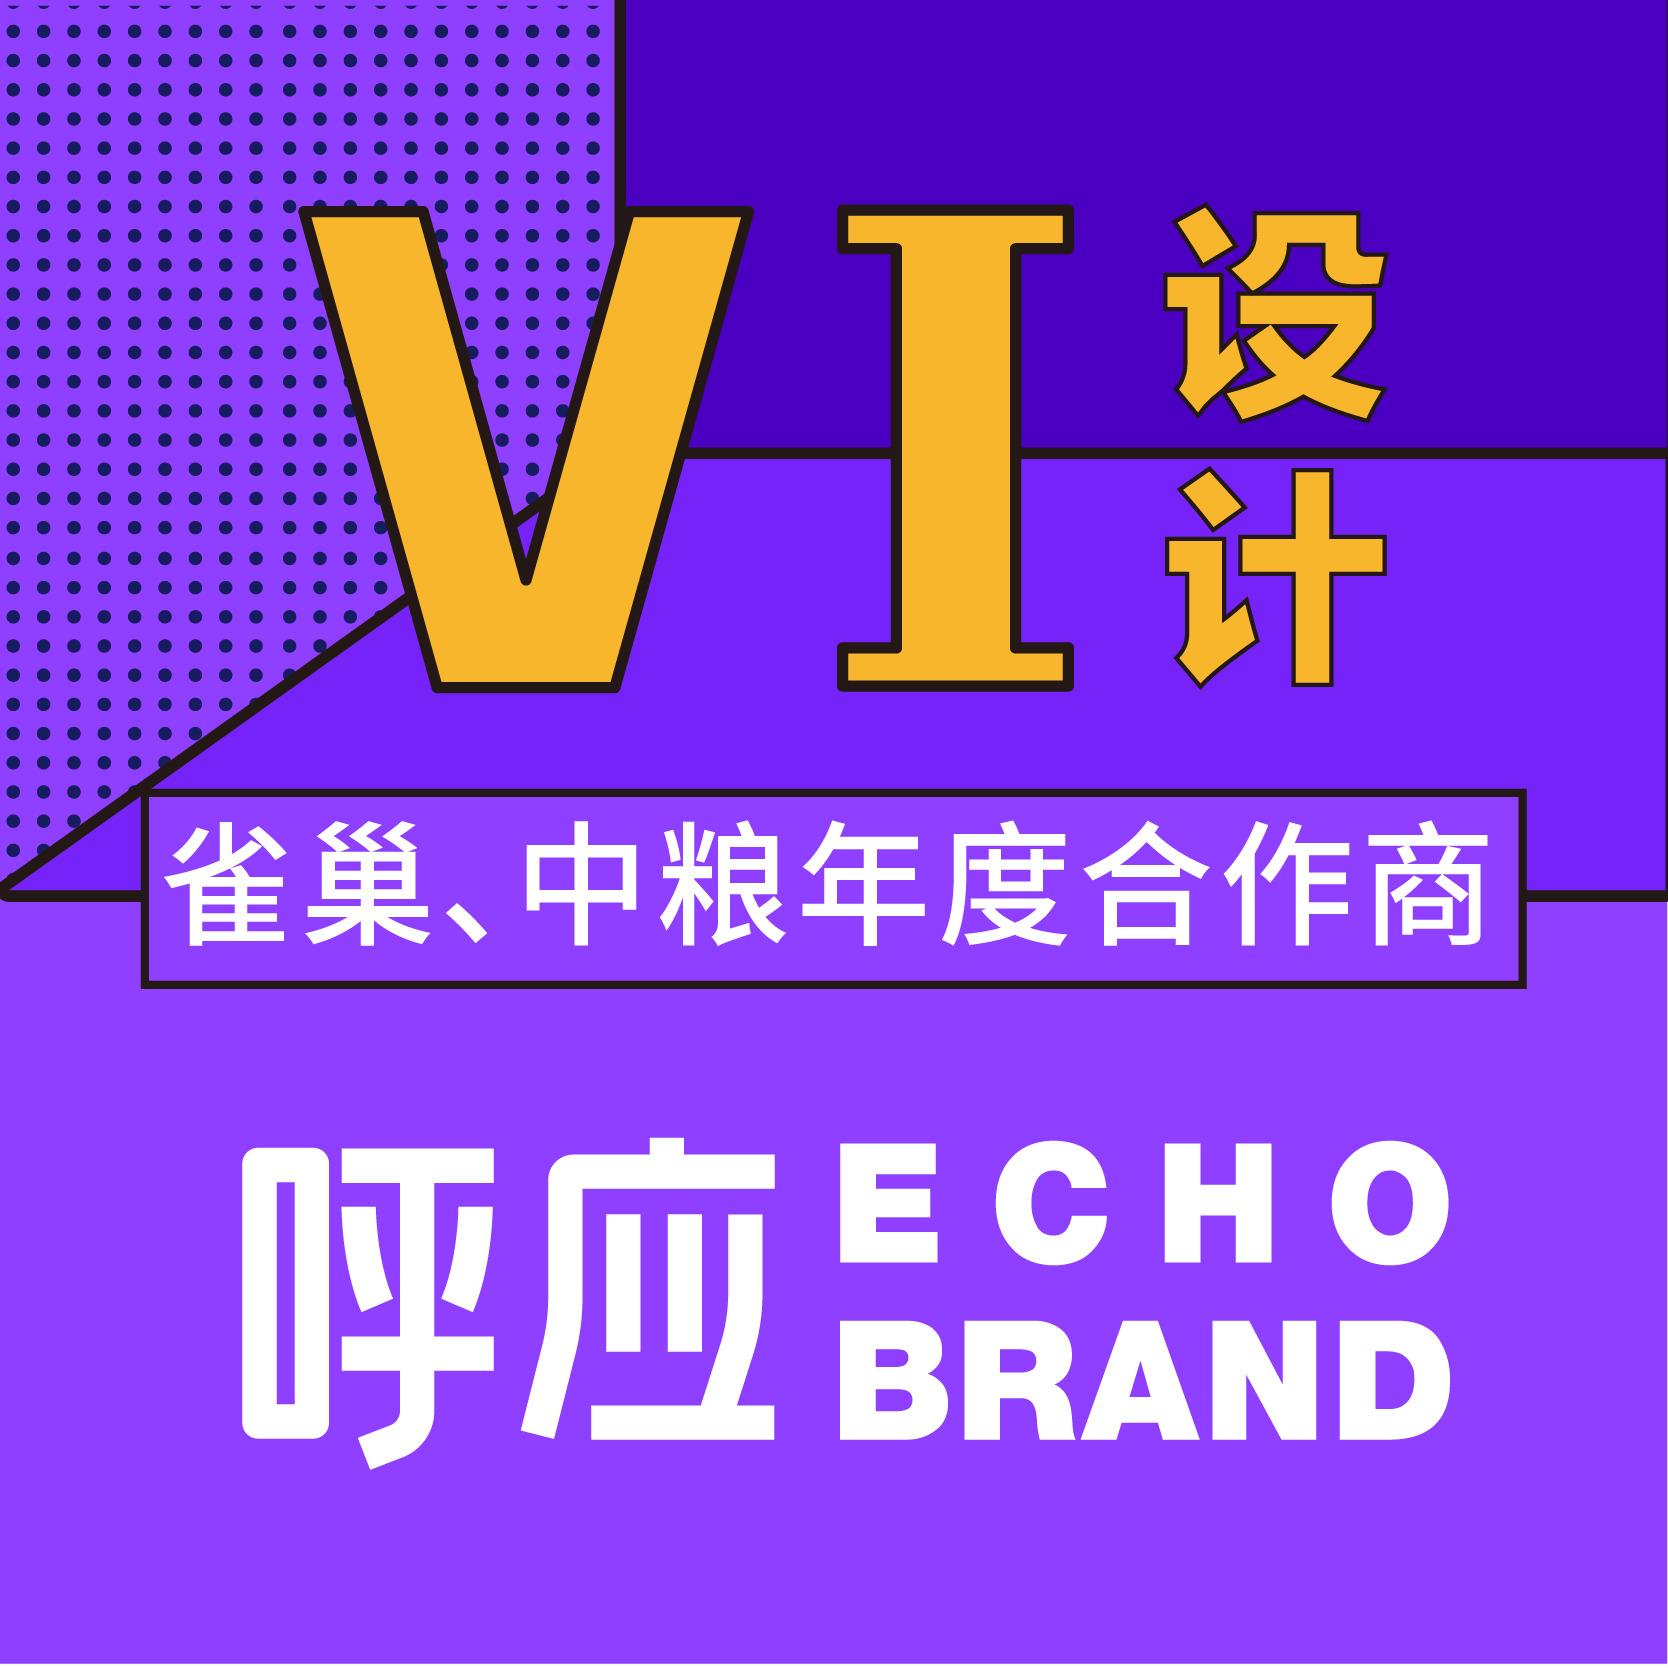 快消品食品企业 vi设计 全套定制 设计 公司 vi s品牌 VI 系统 设计